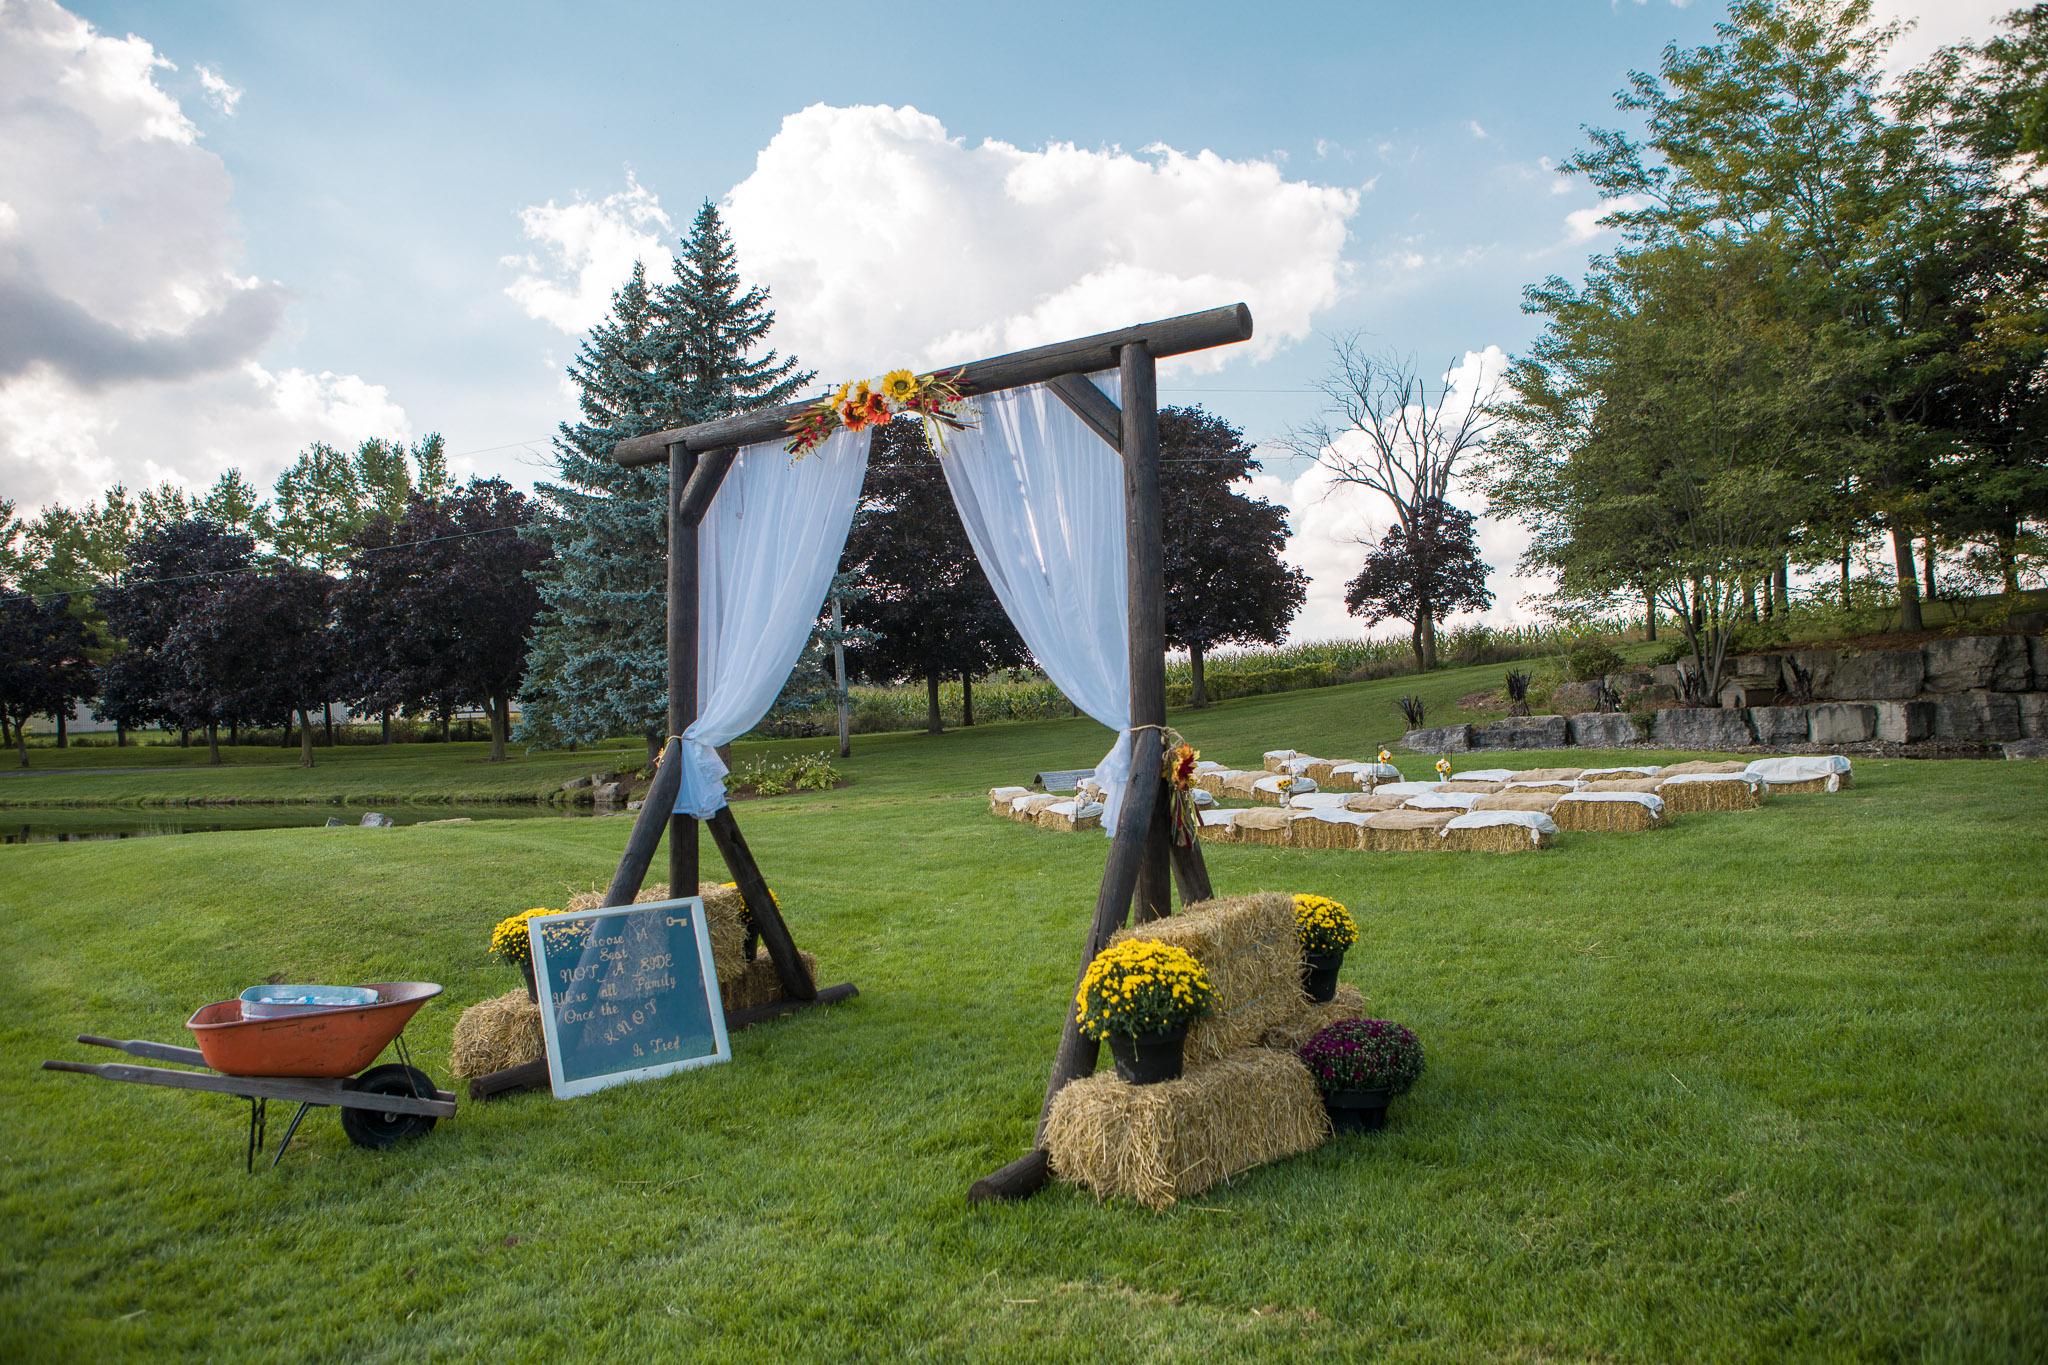 katy-aleks-wedding-shayne-gray-7288.jpg